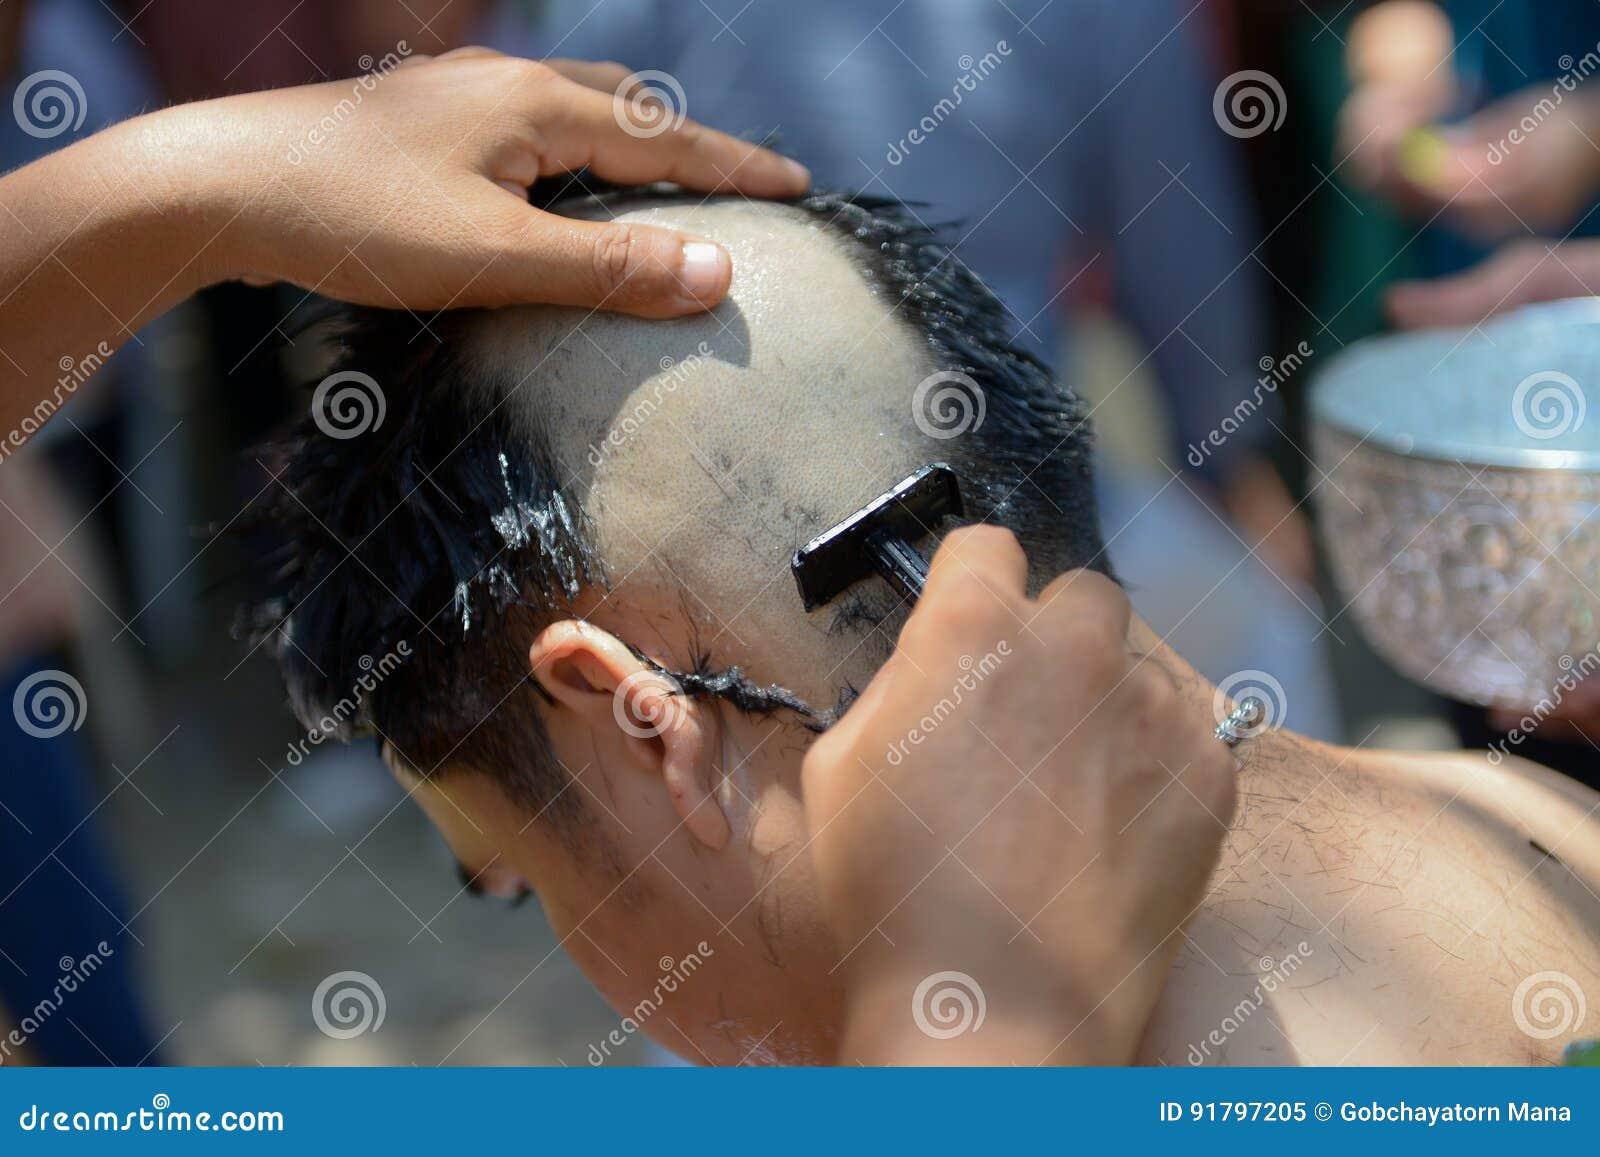 Ordinare La Credenza : Rasatura della testa per ordinare come monaco tailandese immagine